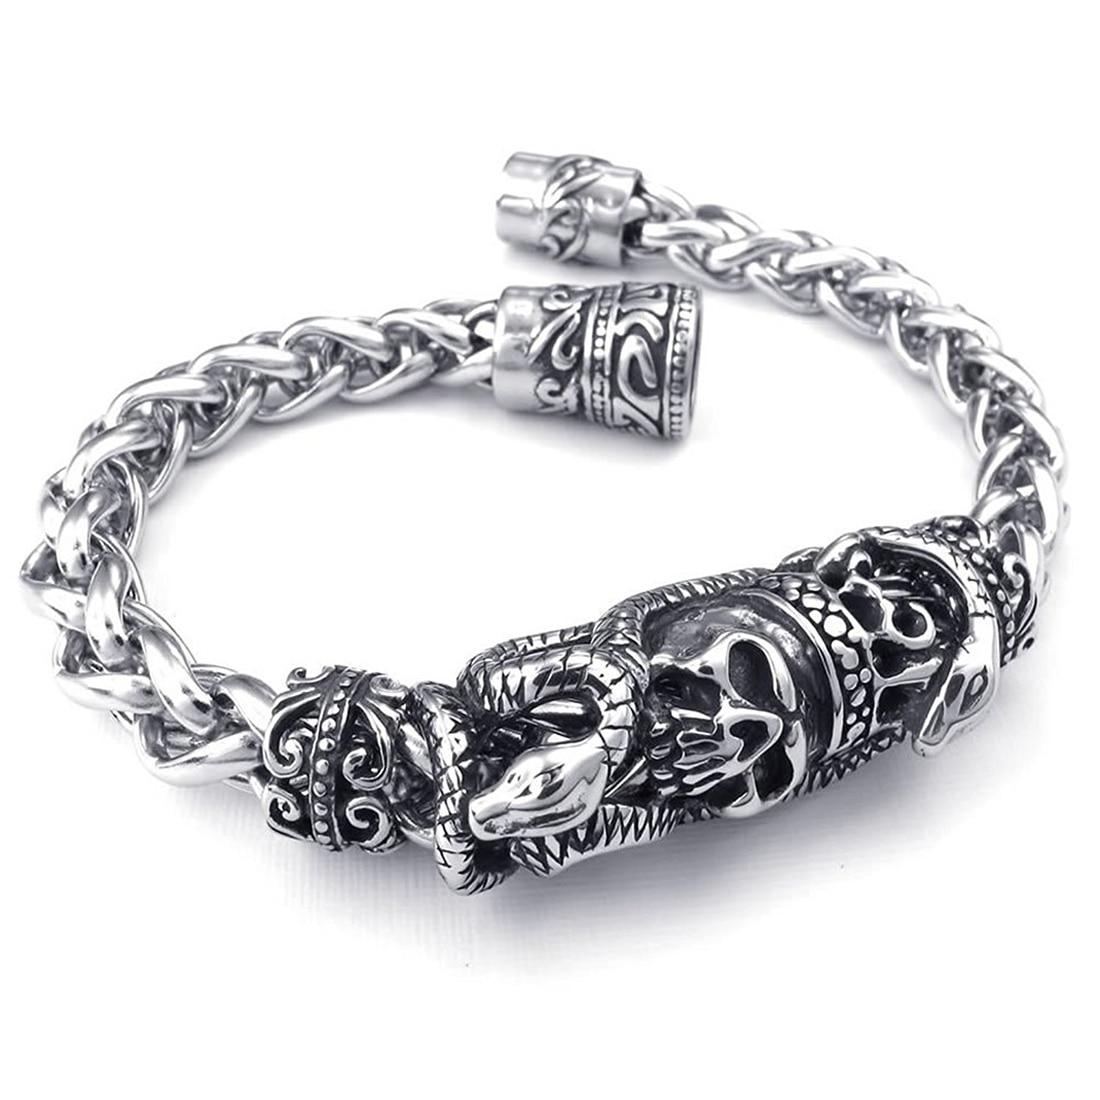 Man Biker Gothic Snake Serpent Skull Skull Stainless Steel font b Jewelry b font Bracelet Silver